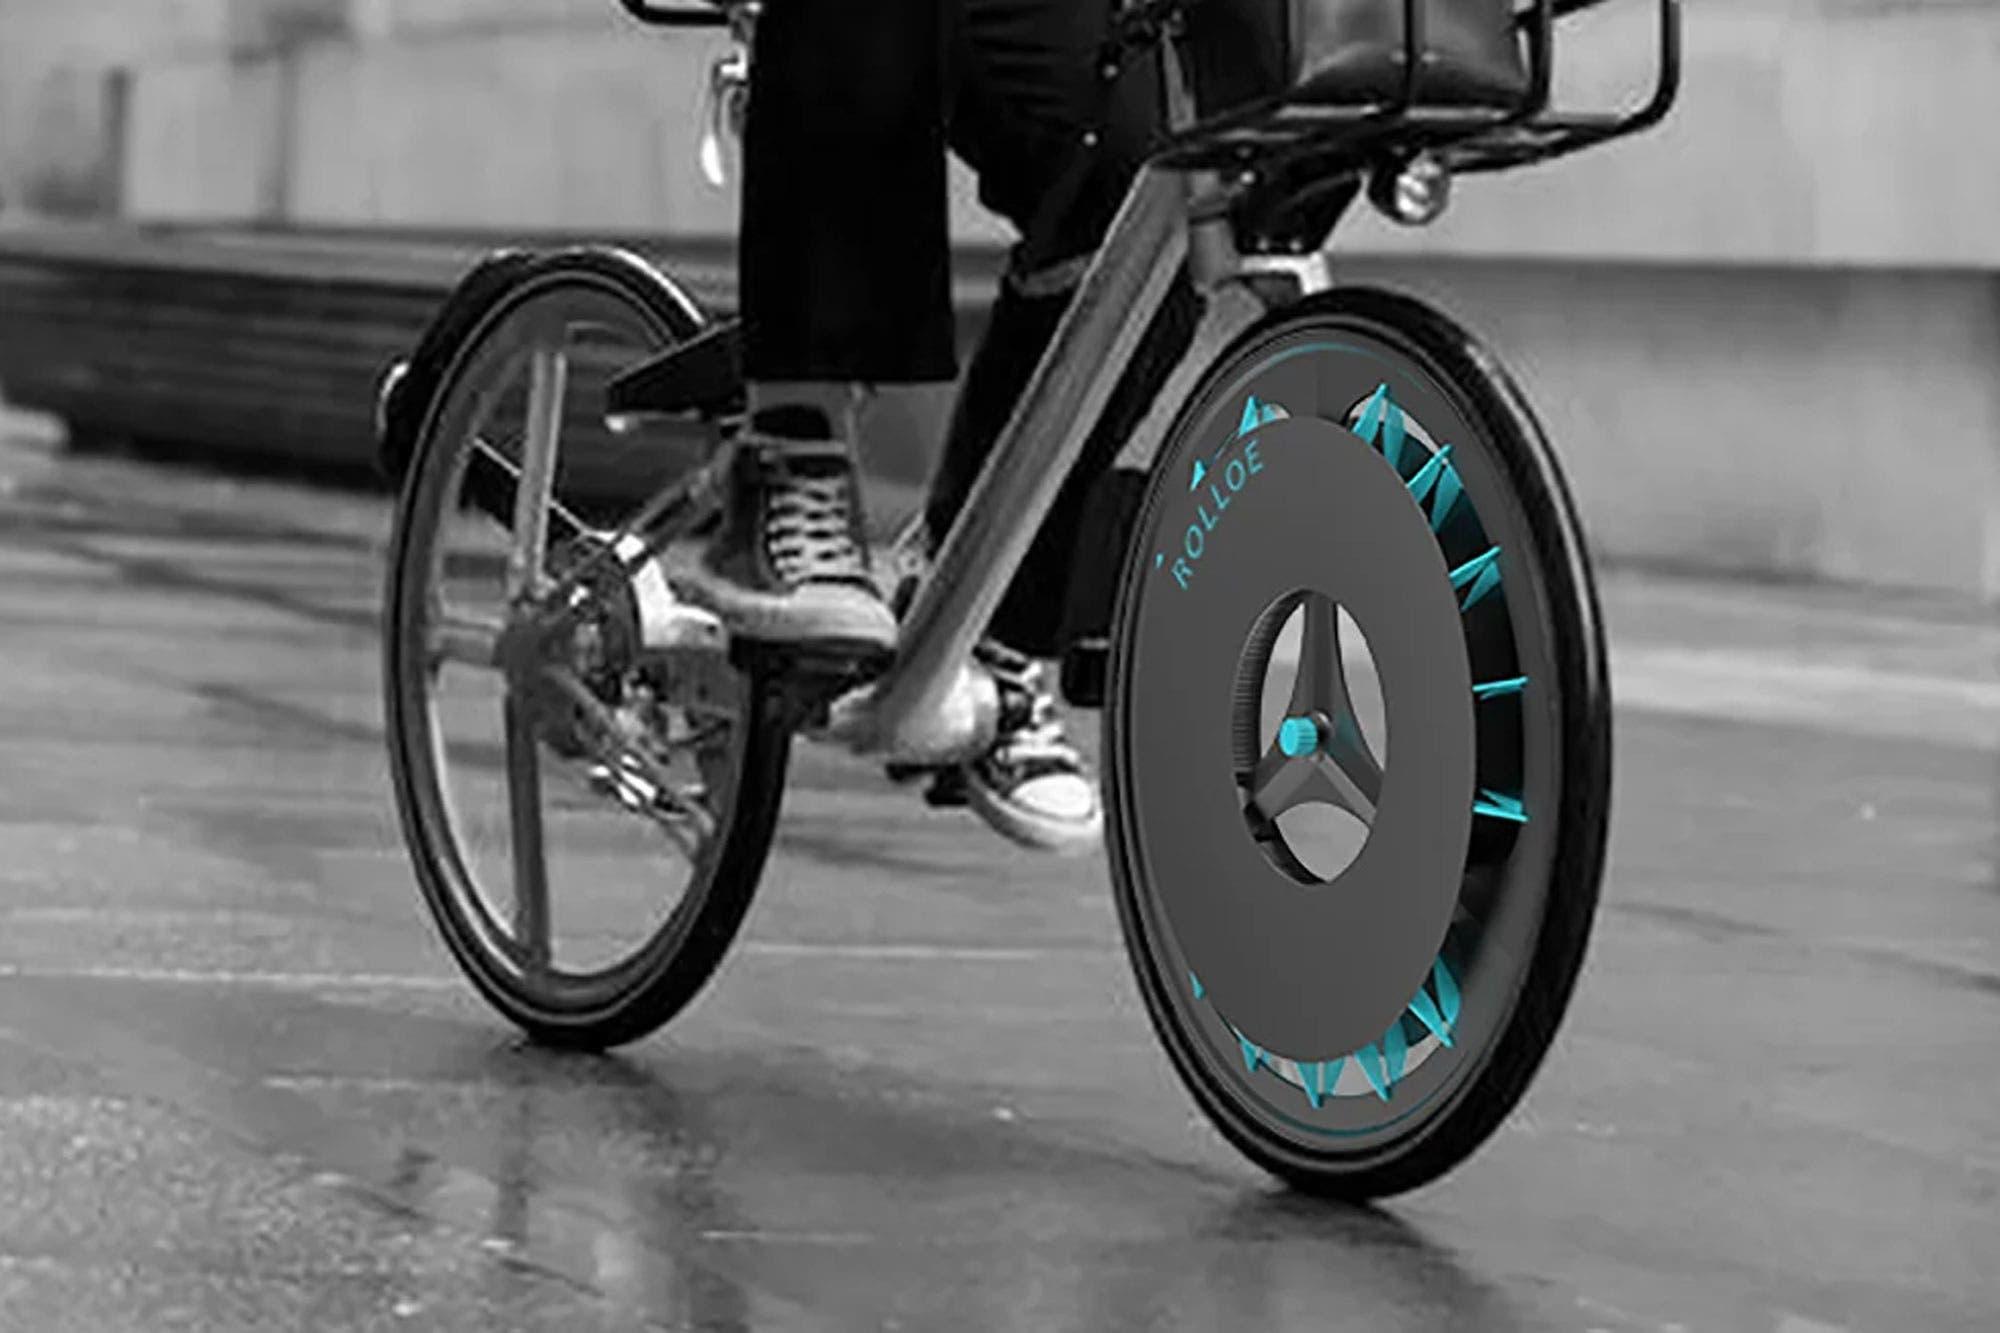 Crean una rueda para bicicleta con filtros que purifican el aire contaminado de las ciudades